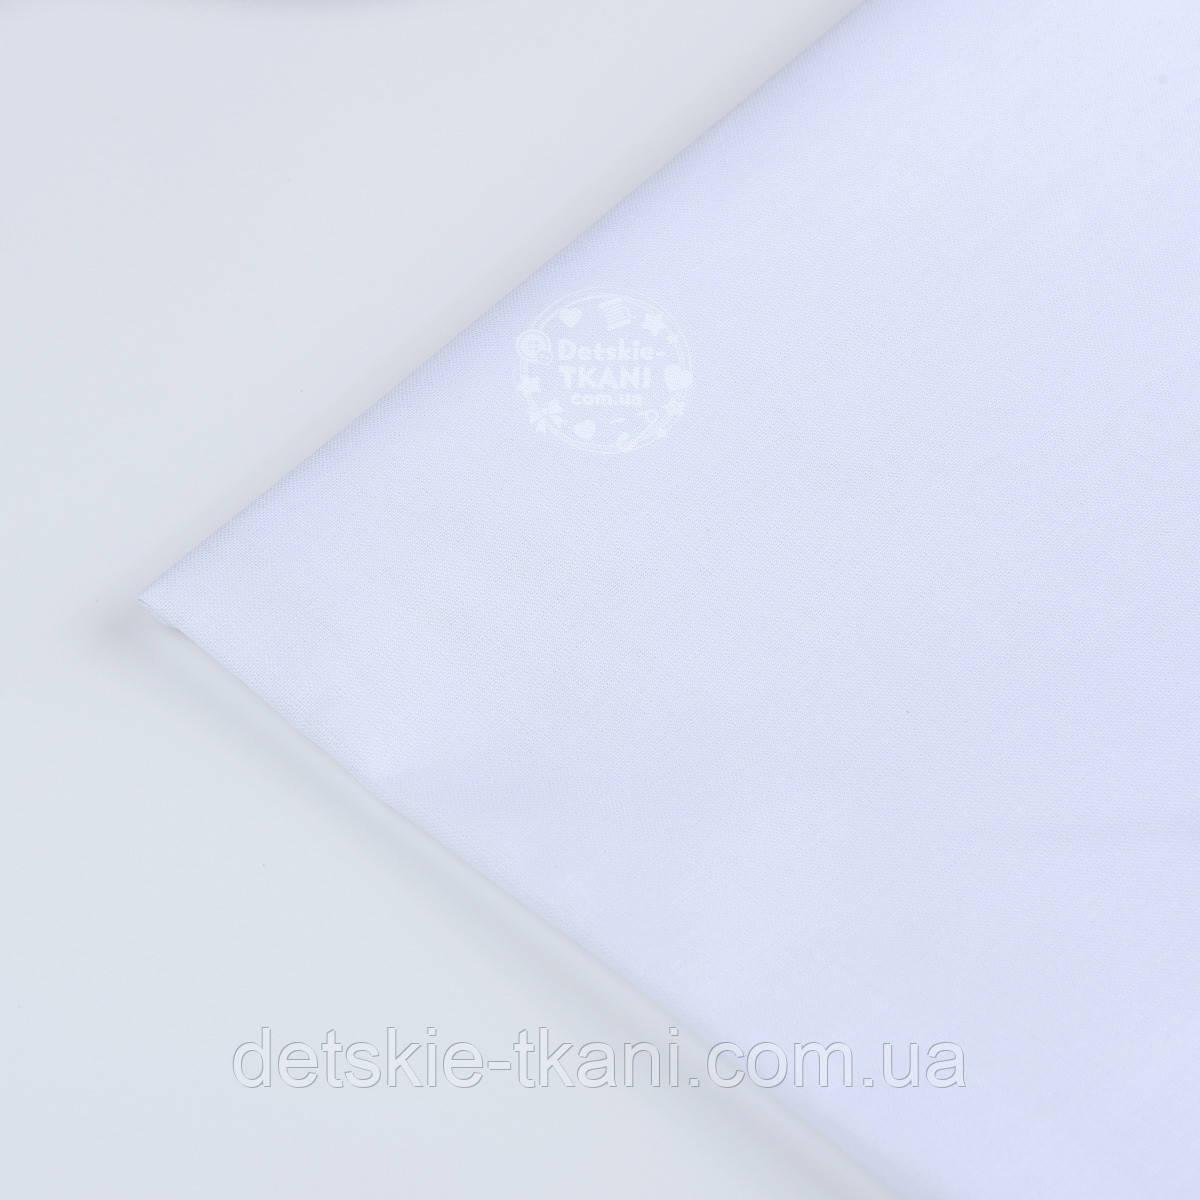 Отрез ткани белого цвета №28а плотность 125 г/кв.м